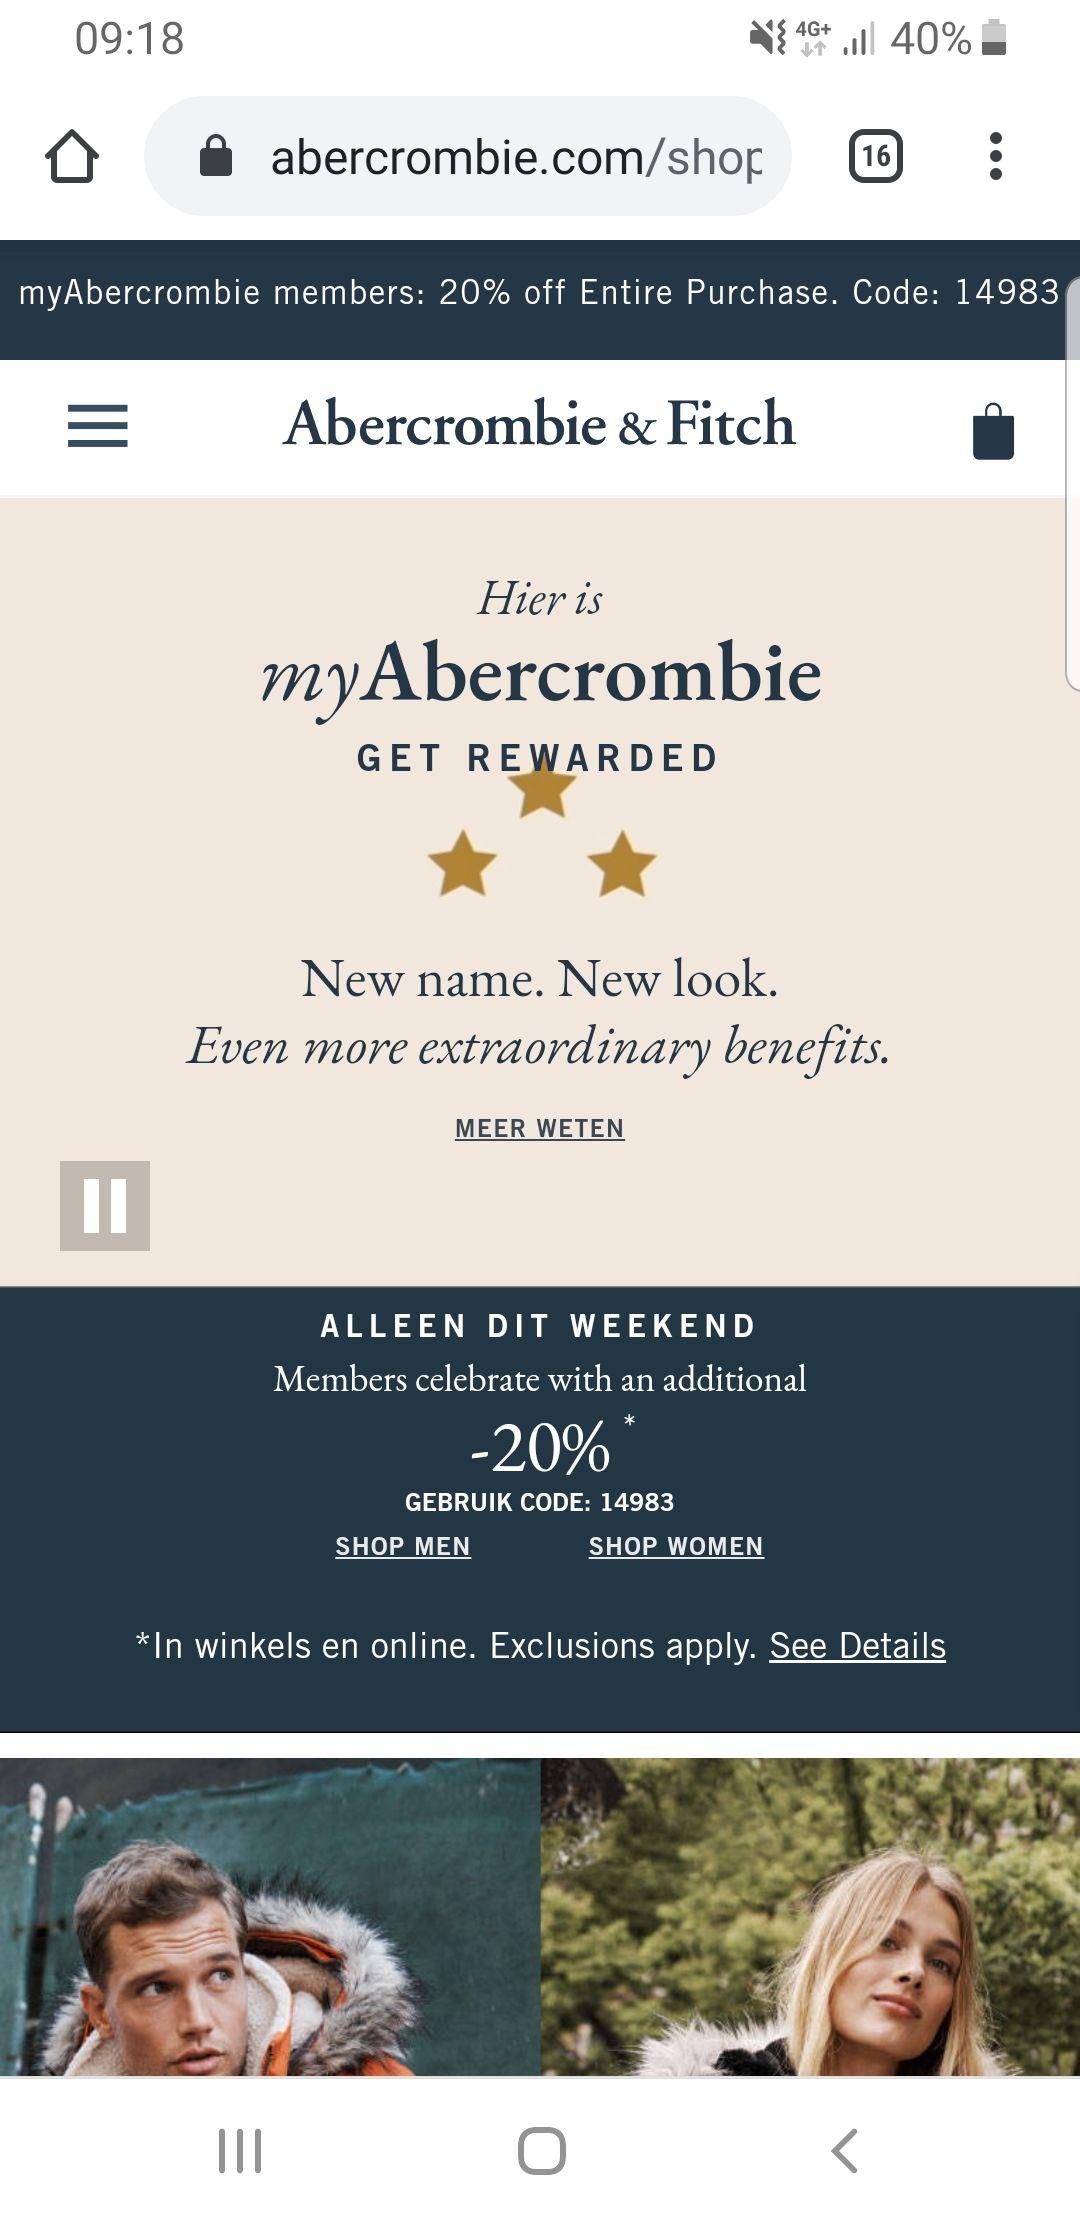 Alleen dit weekend 20 procent korting bij abercrombie voor members